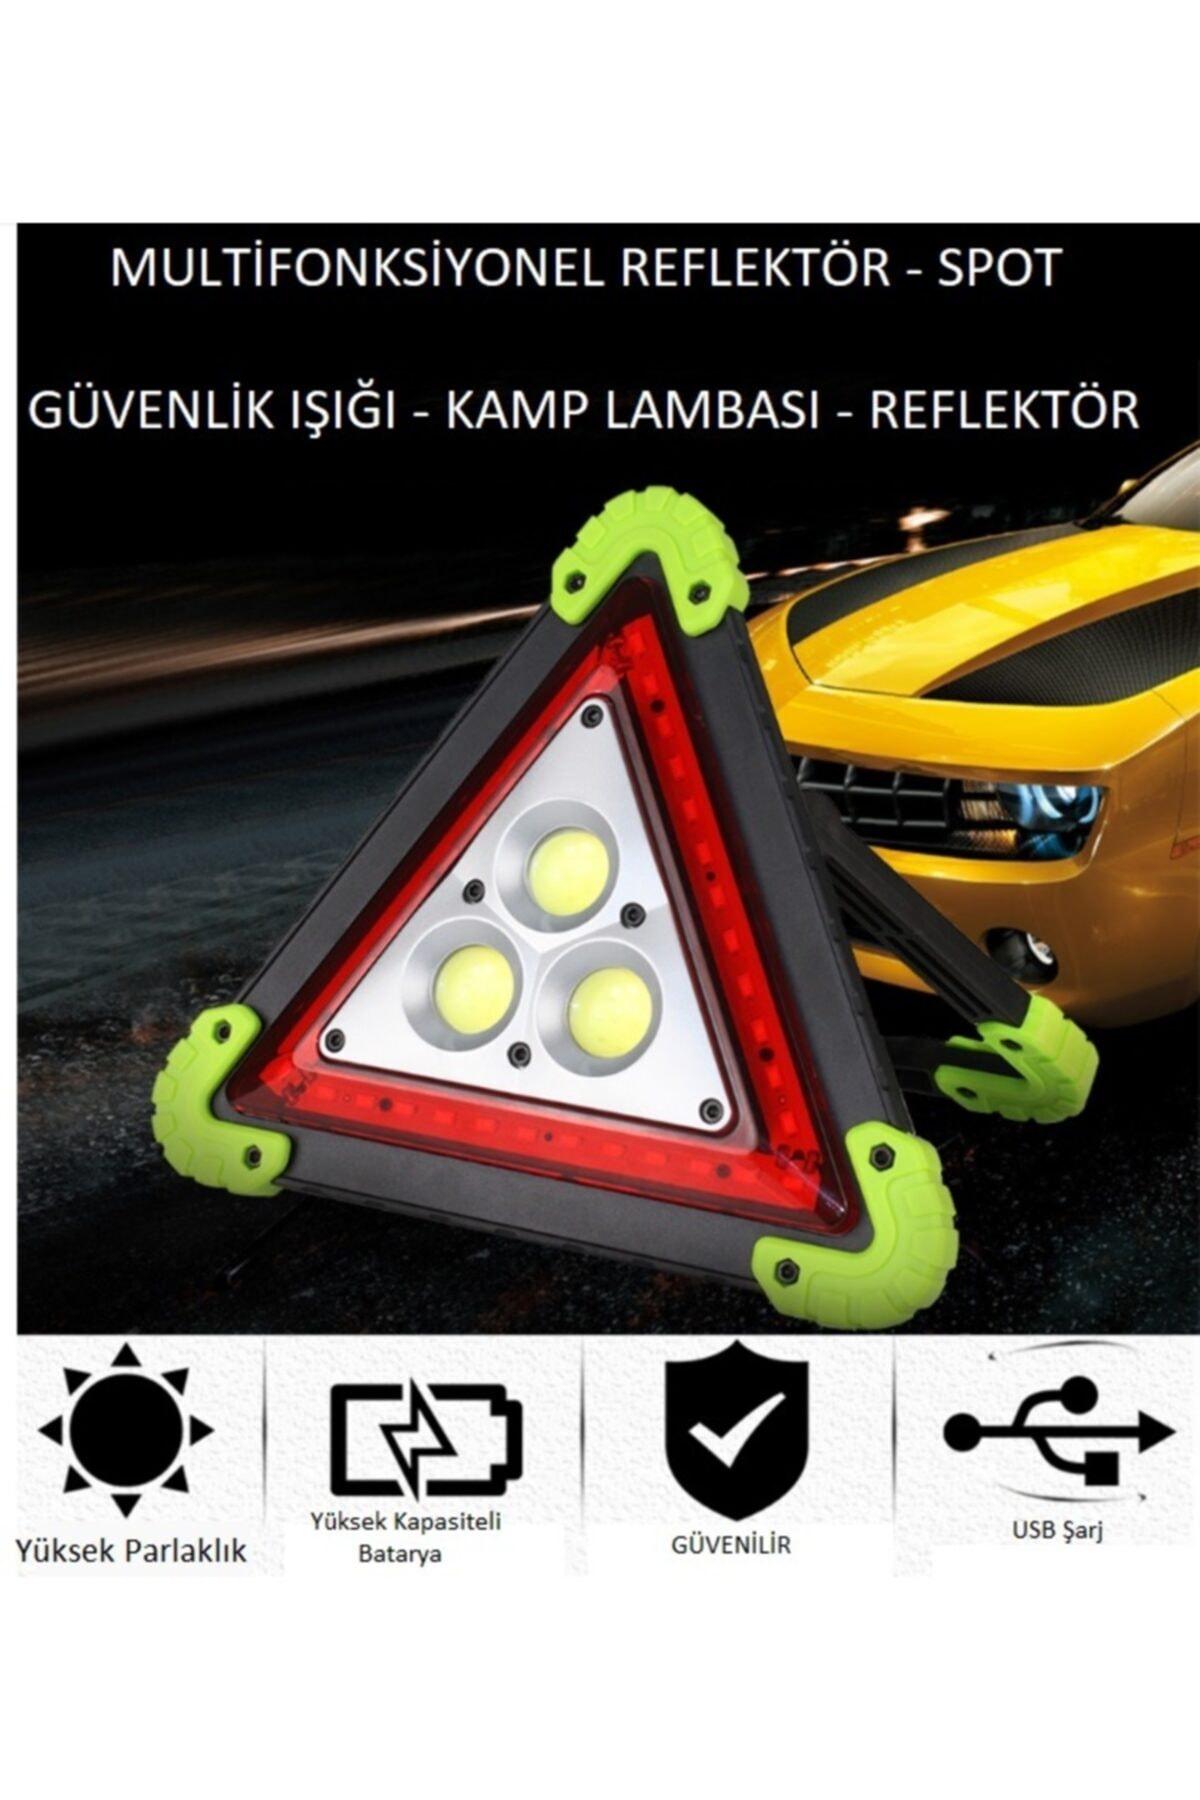 Go İthalat Reflektör 3 Ledli Güneş Enerjili - Kamp Feneri - Işıldak - Powerbank 1